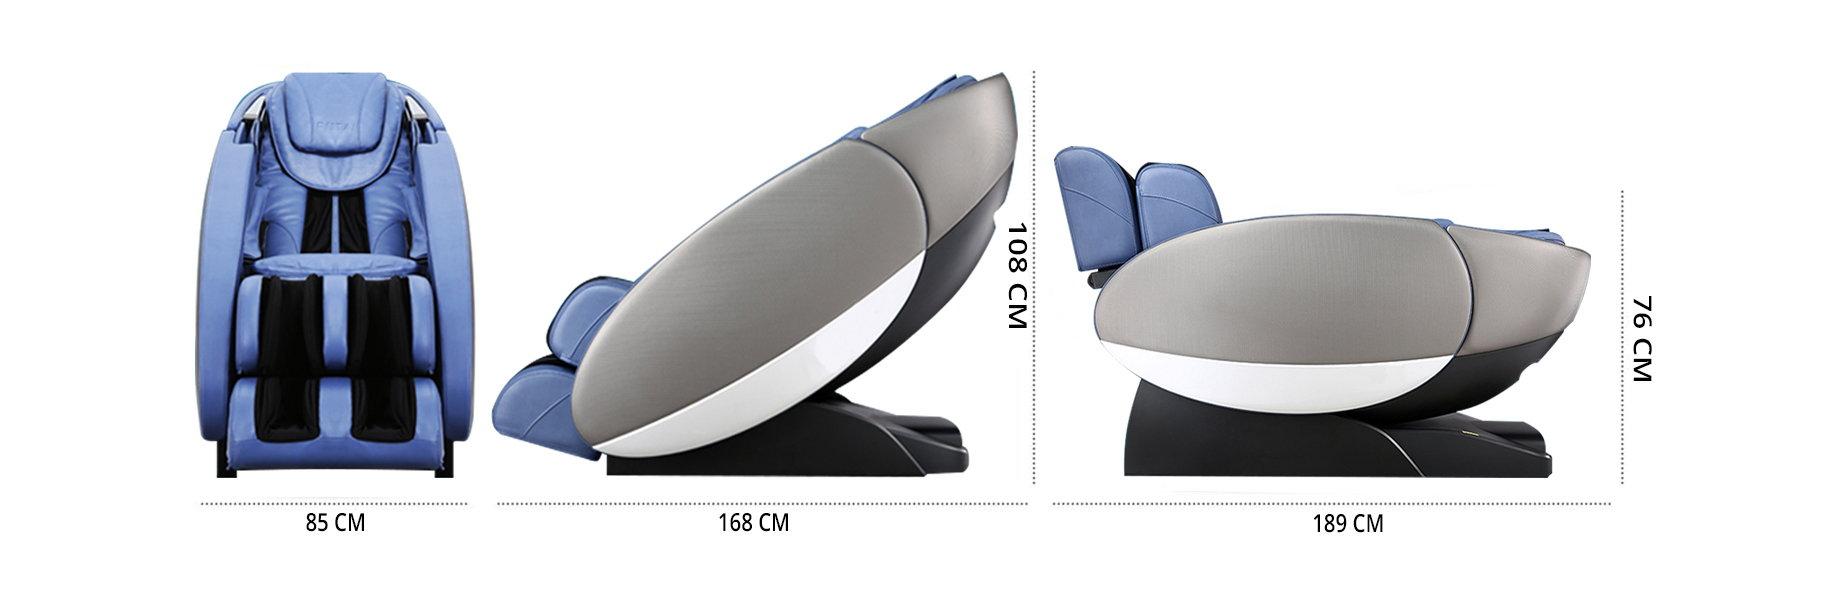 ابعاد صندلی ماساژور آرونت RT-7710